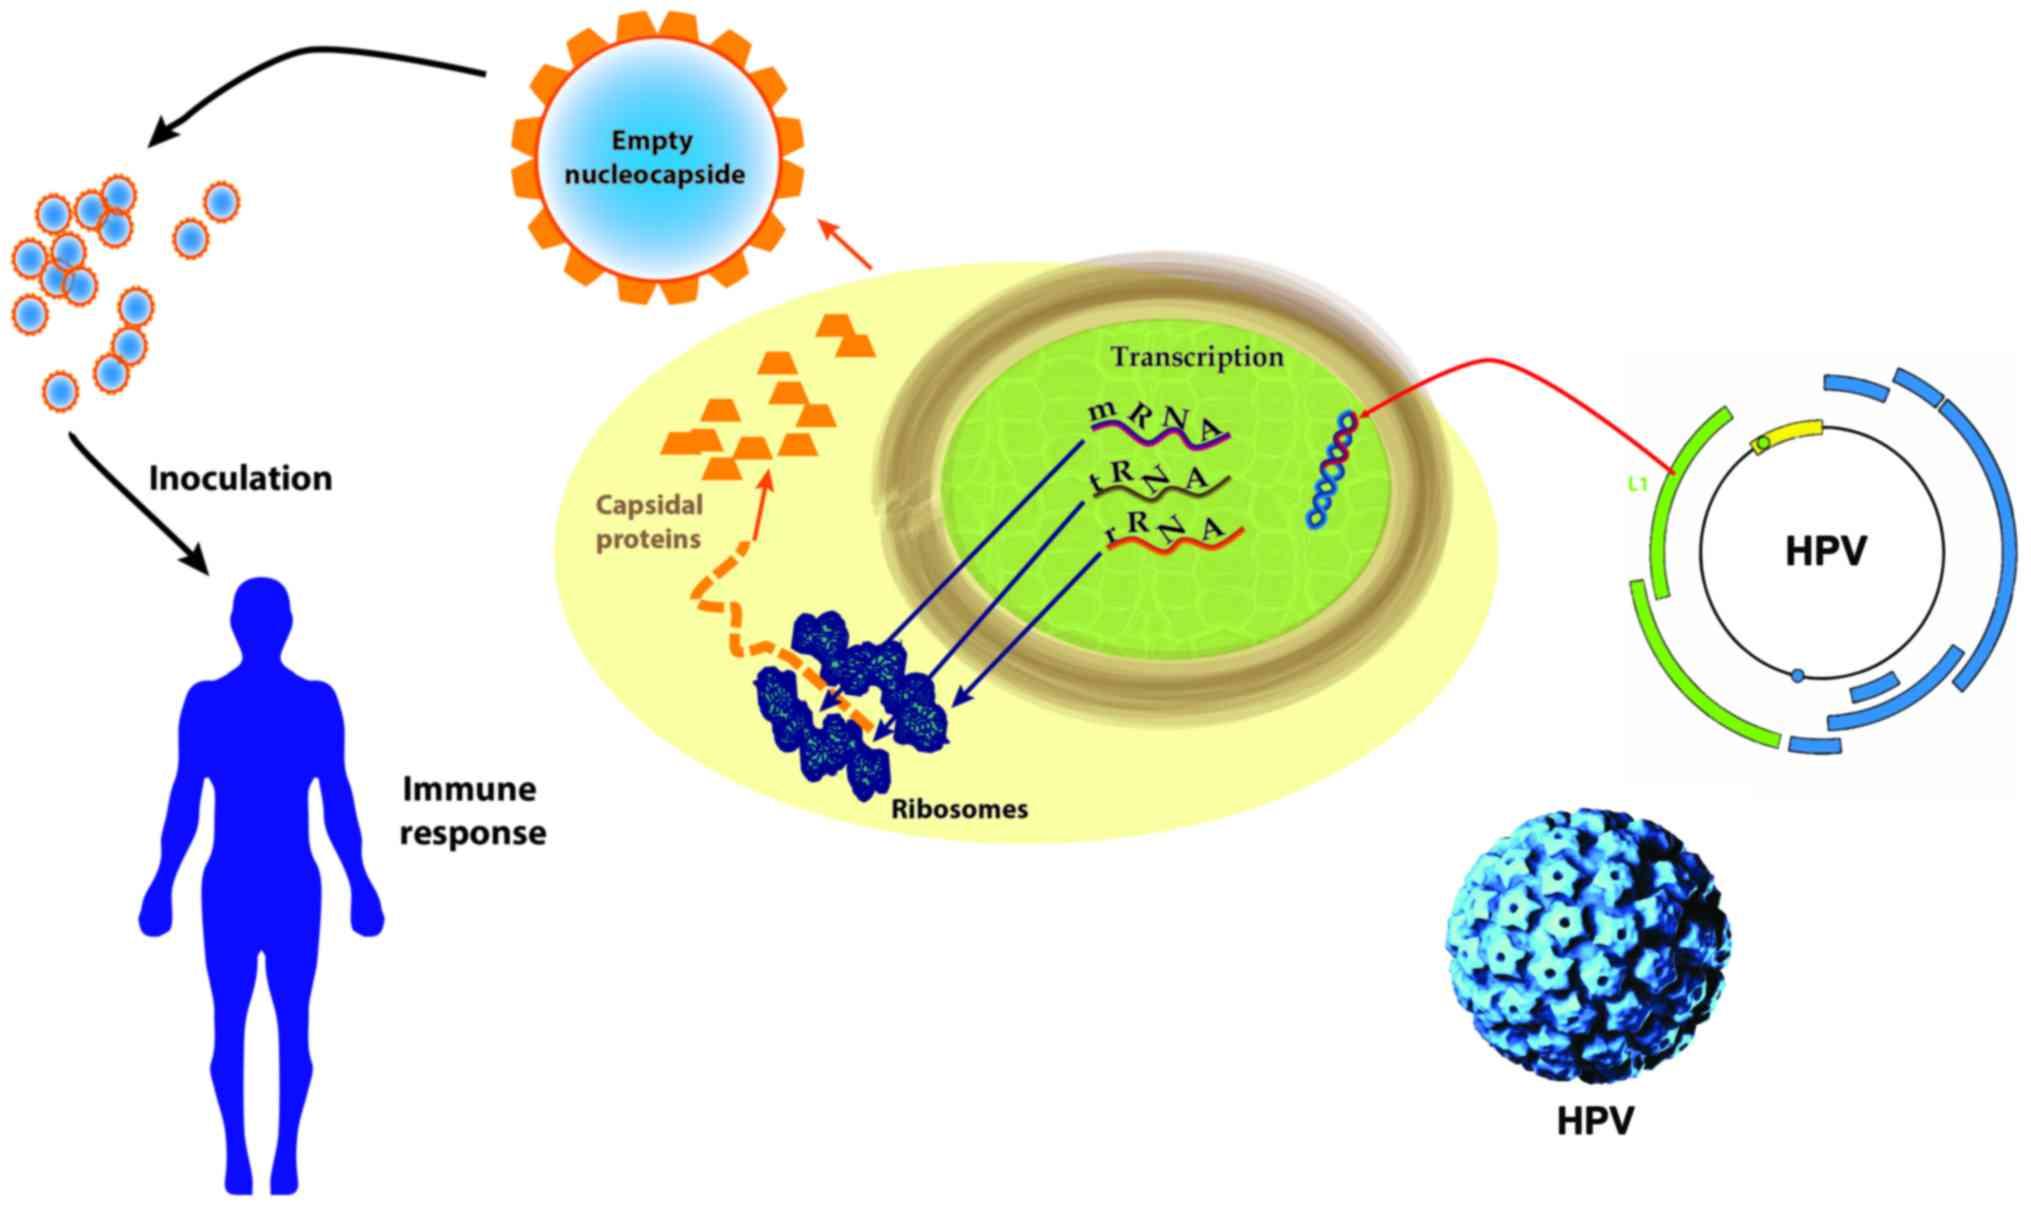 hpv vaccine papillomatosis human papillomavirus infection vaccine